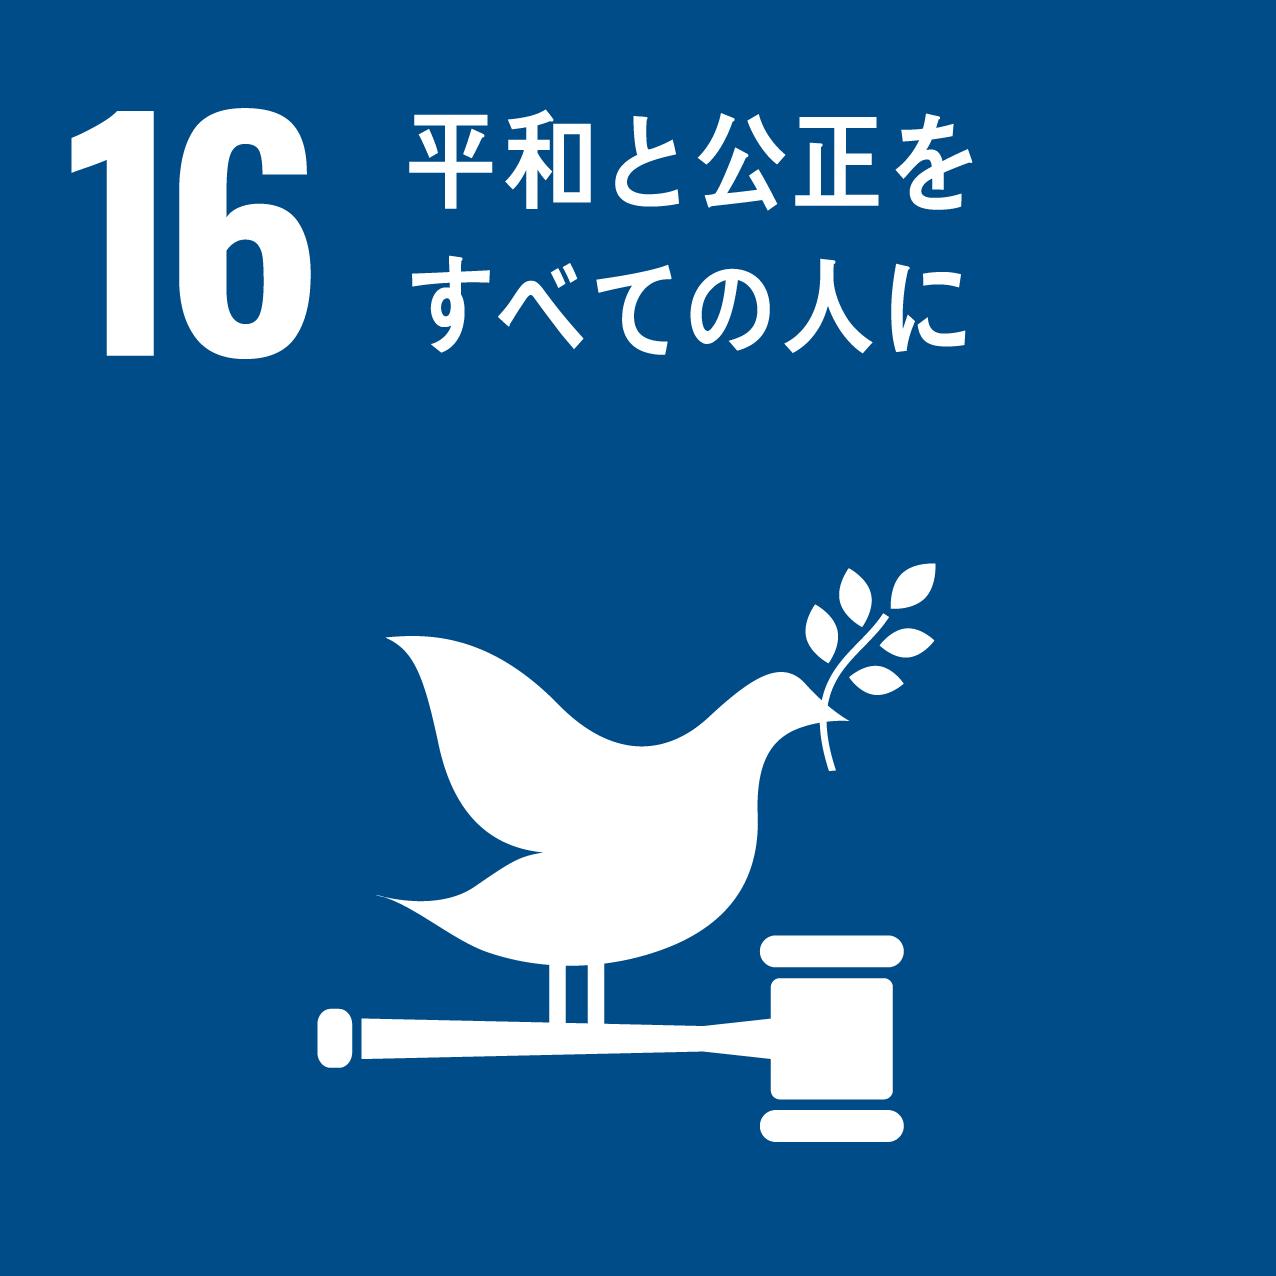 16: 平和と公正をすべての人に